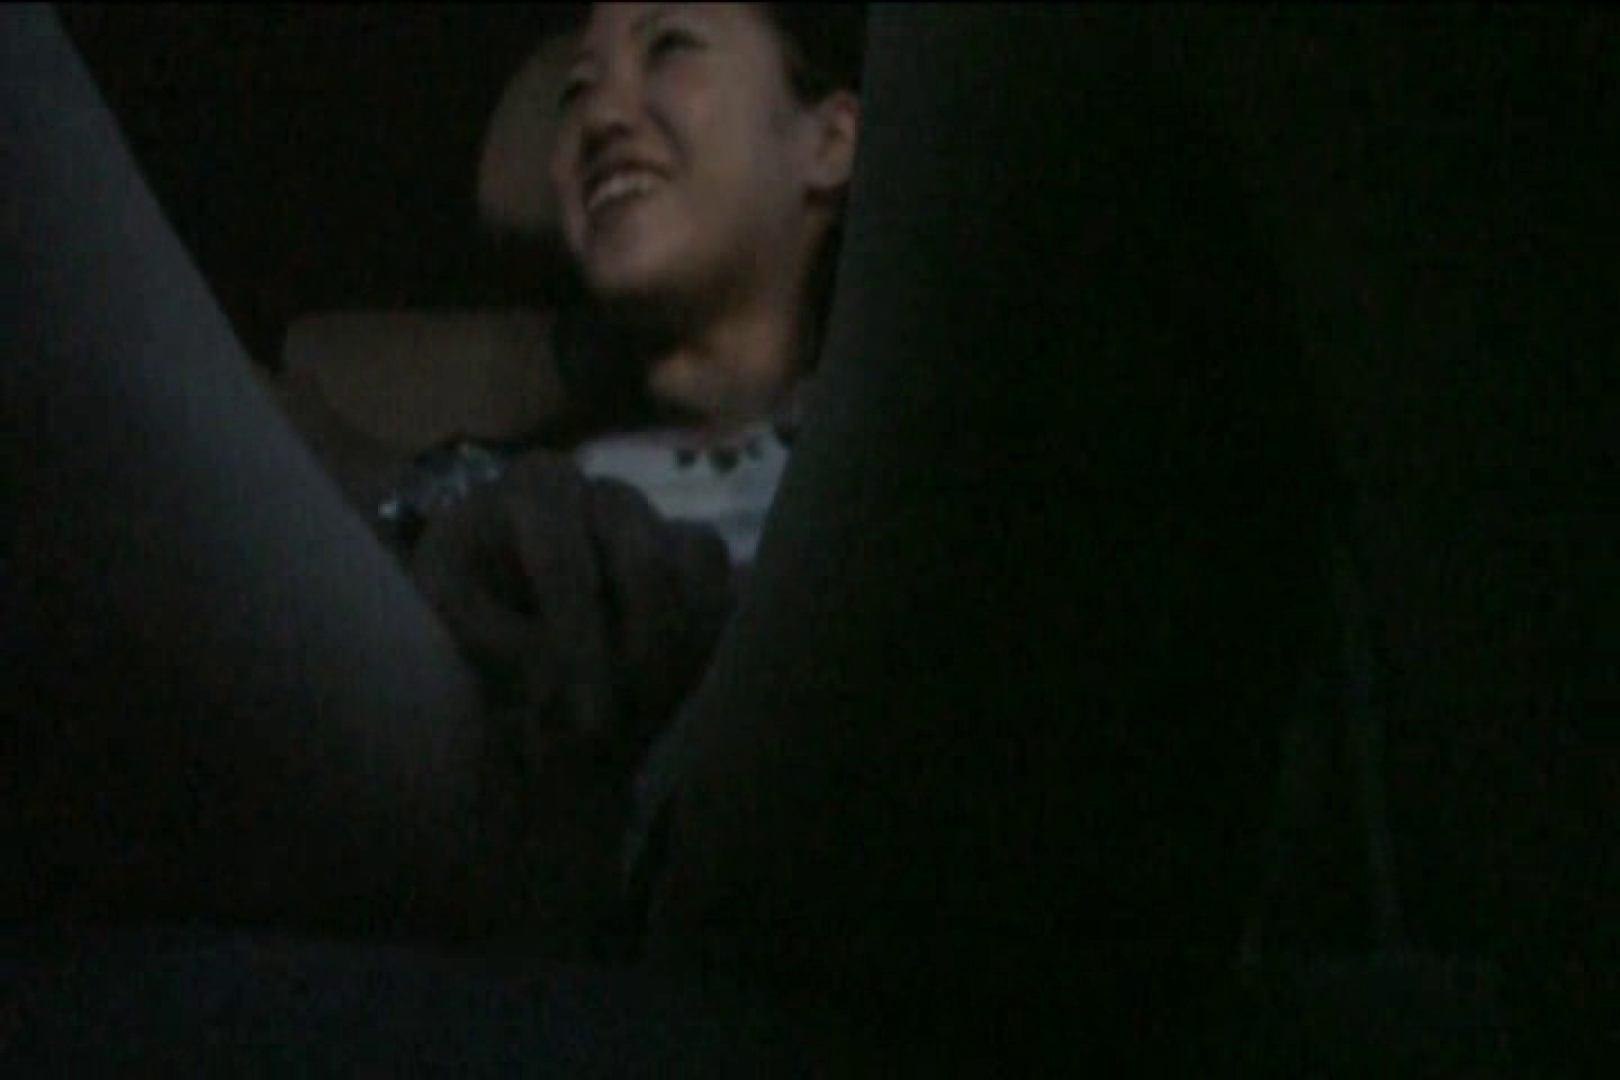 車内で初めまして! vol01 車 盗撮動画紹介 105連発 68